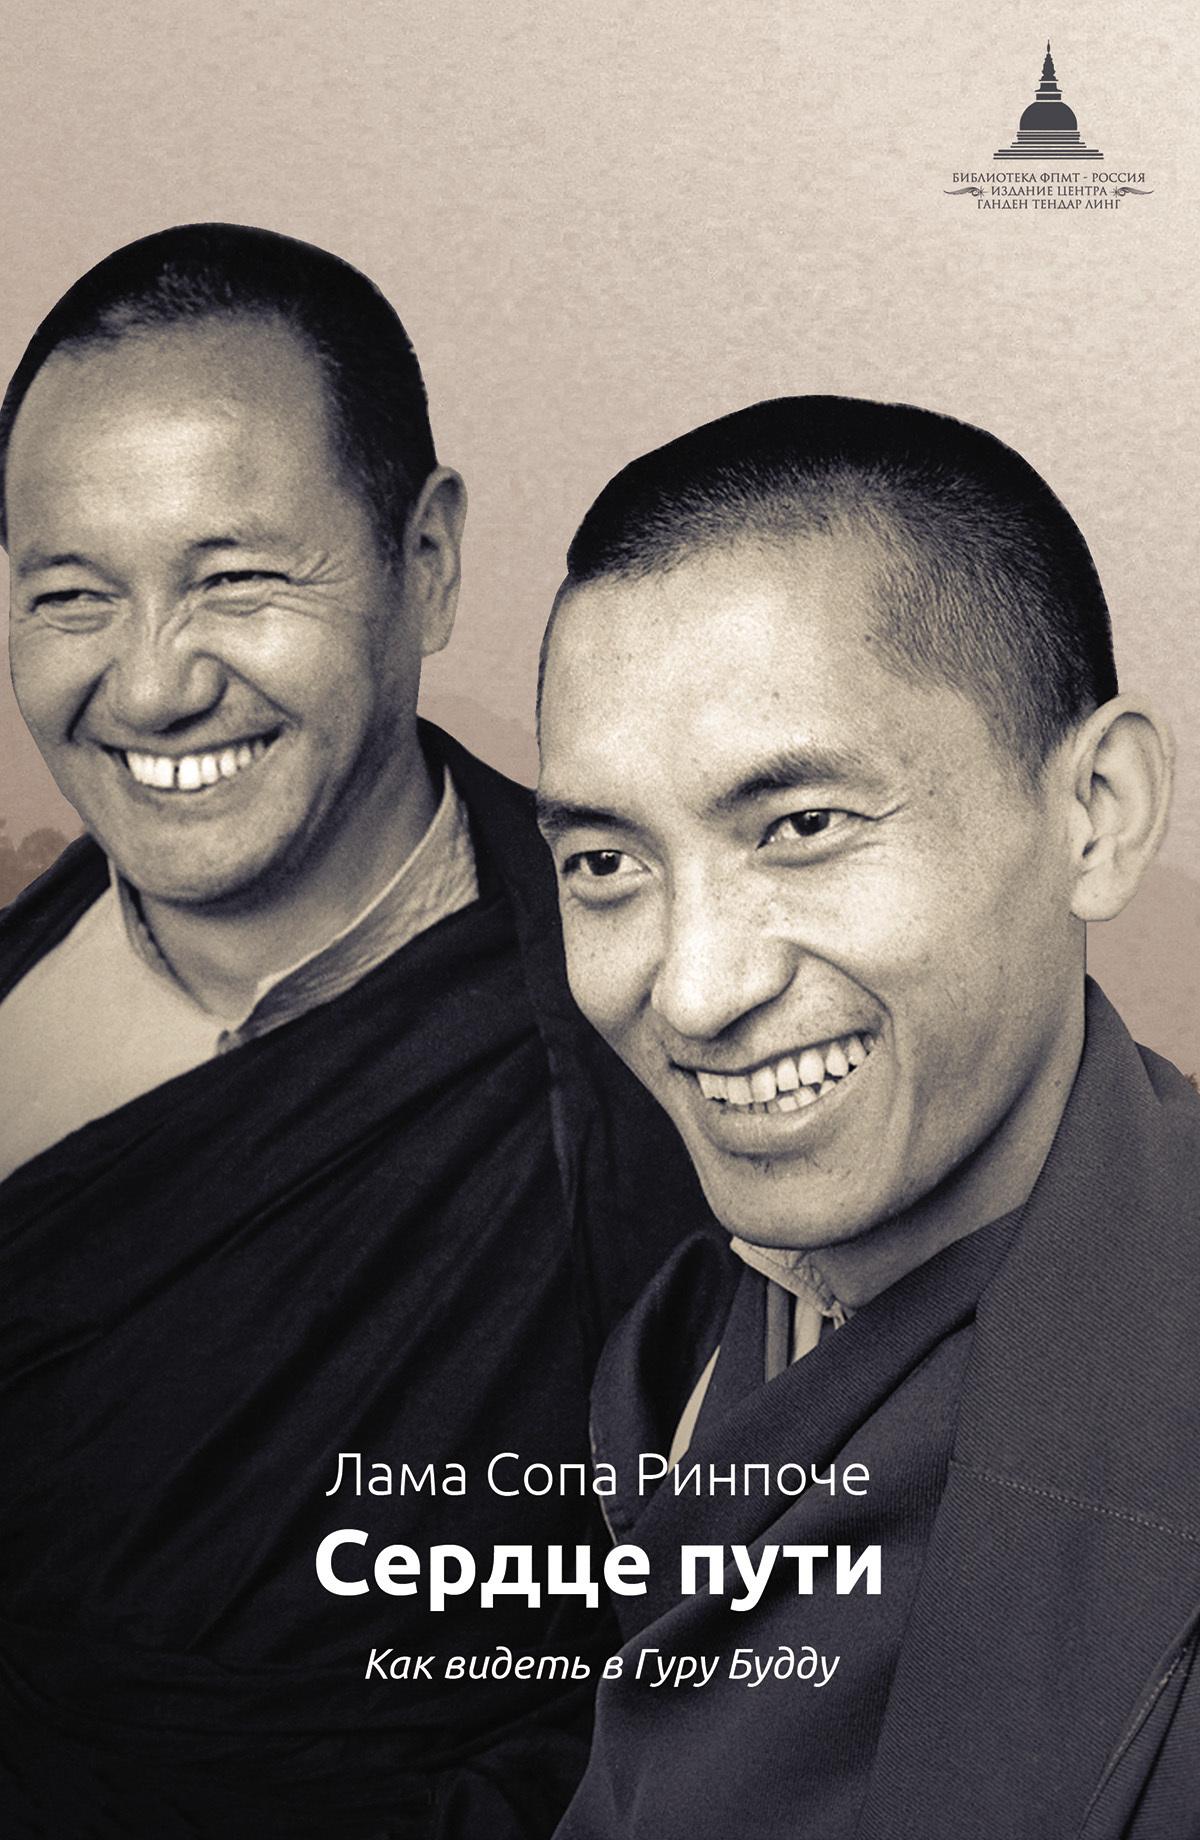 лама Сопа Ринпоче Сердце пути. Как видеть в Гуру Будду йонге мингьюр ринпоче радостная мудрость принятие перемен и обретение свободы